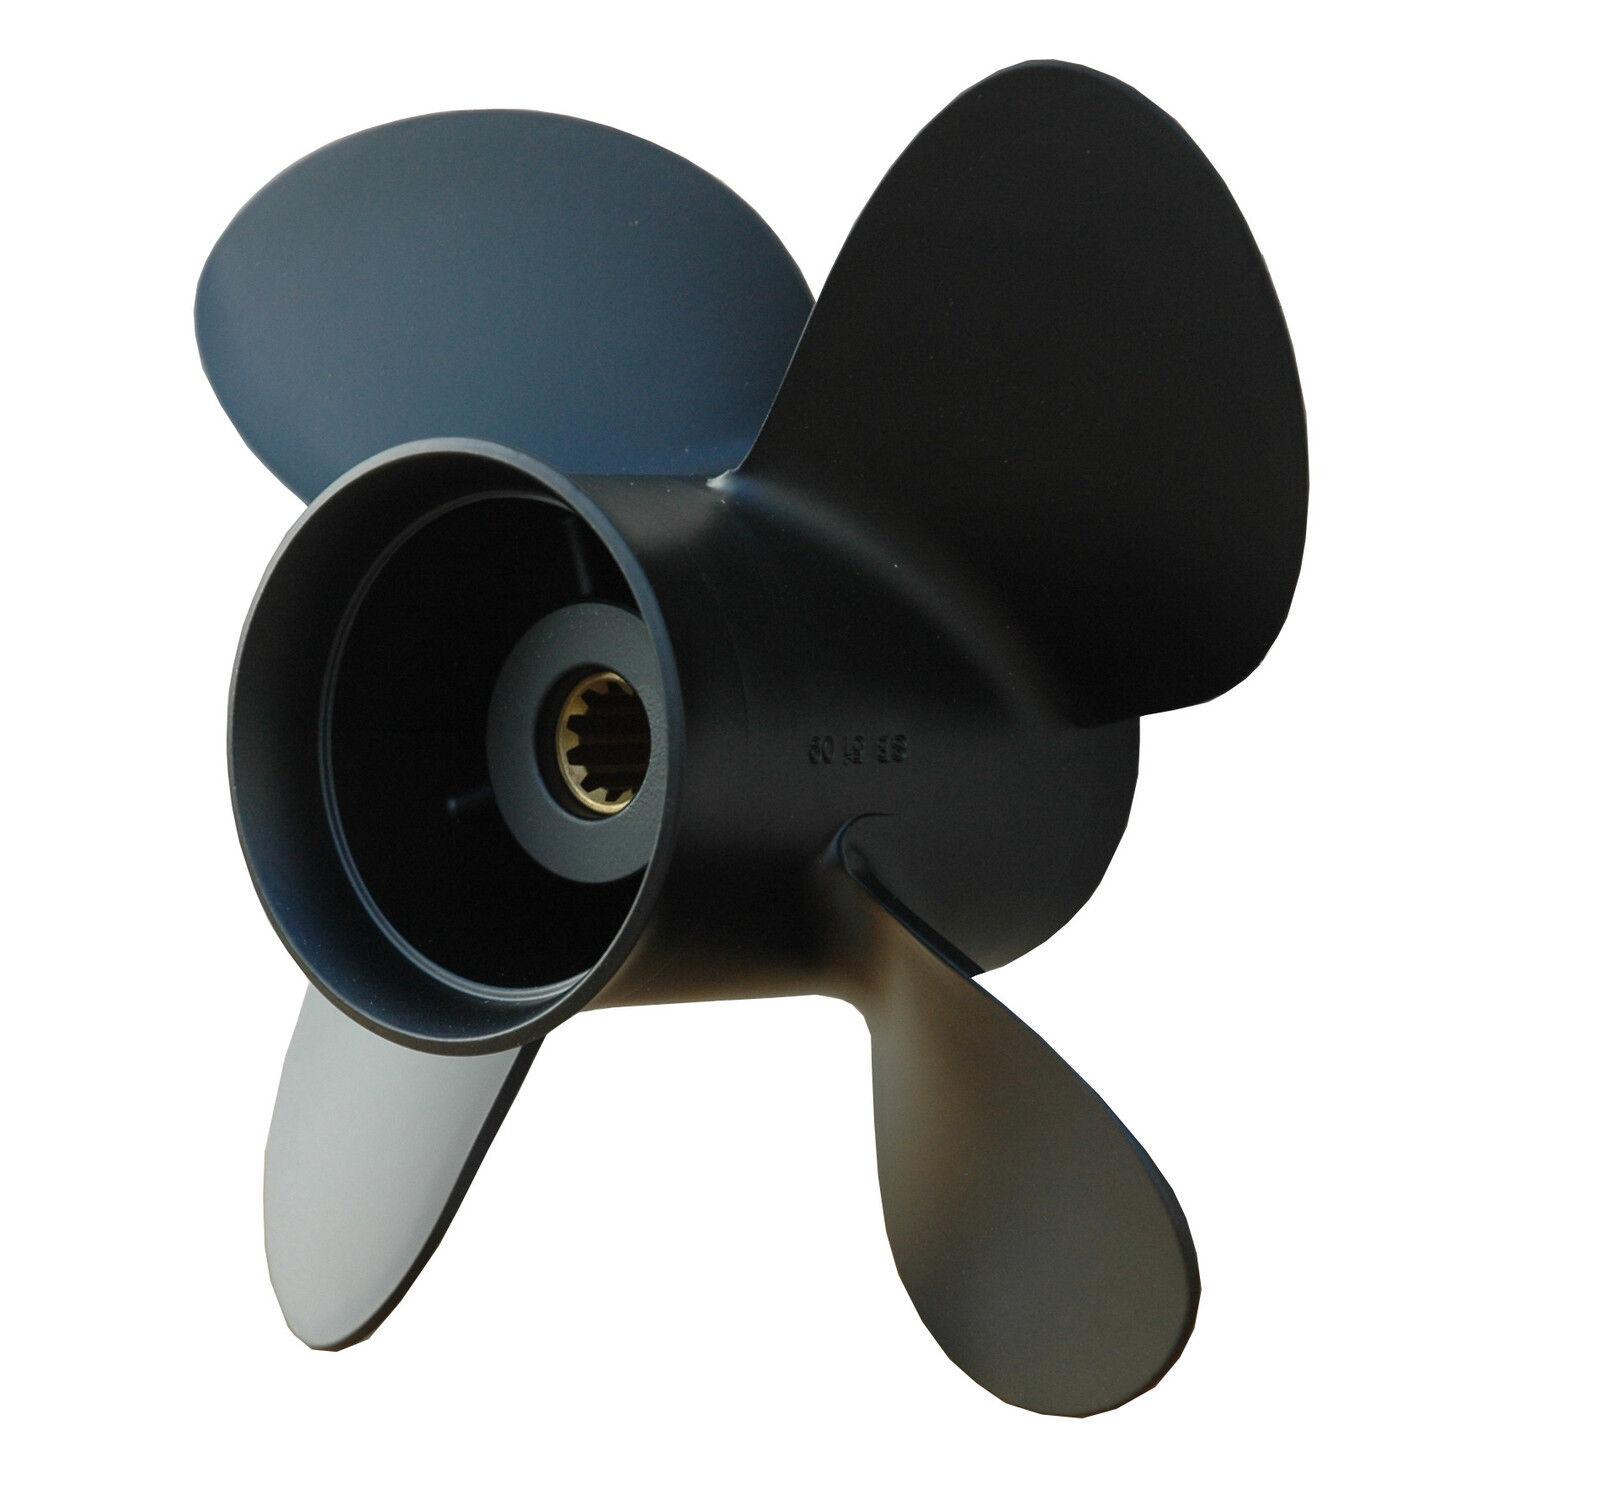 SOLAS Propeller Alu 10 1/10 1/10 1/10 x 12  für Honda 25 & 30 PS aac4b5